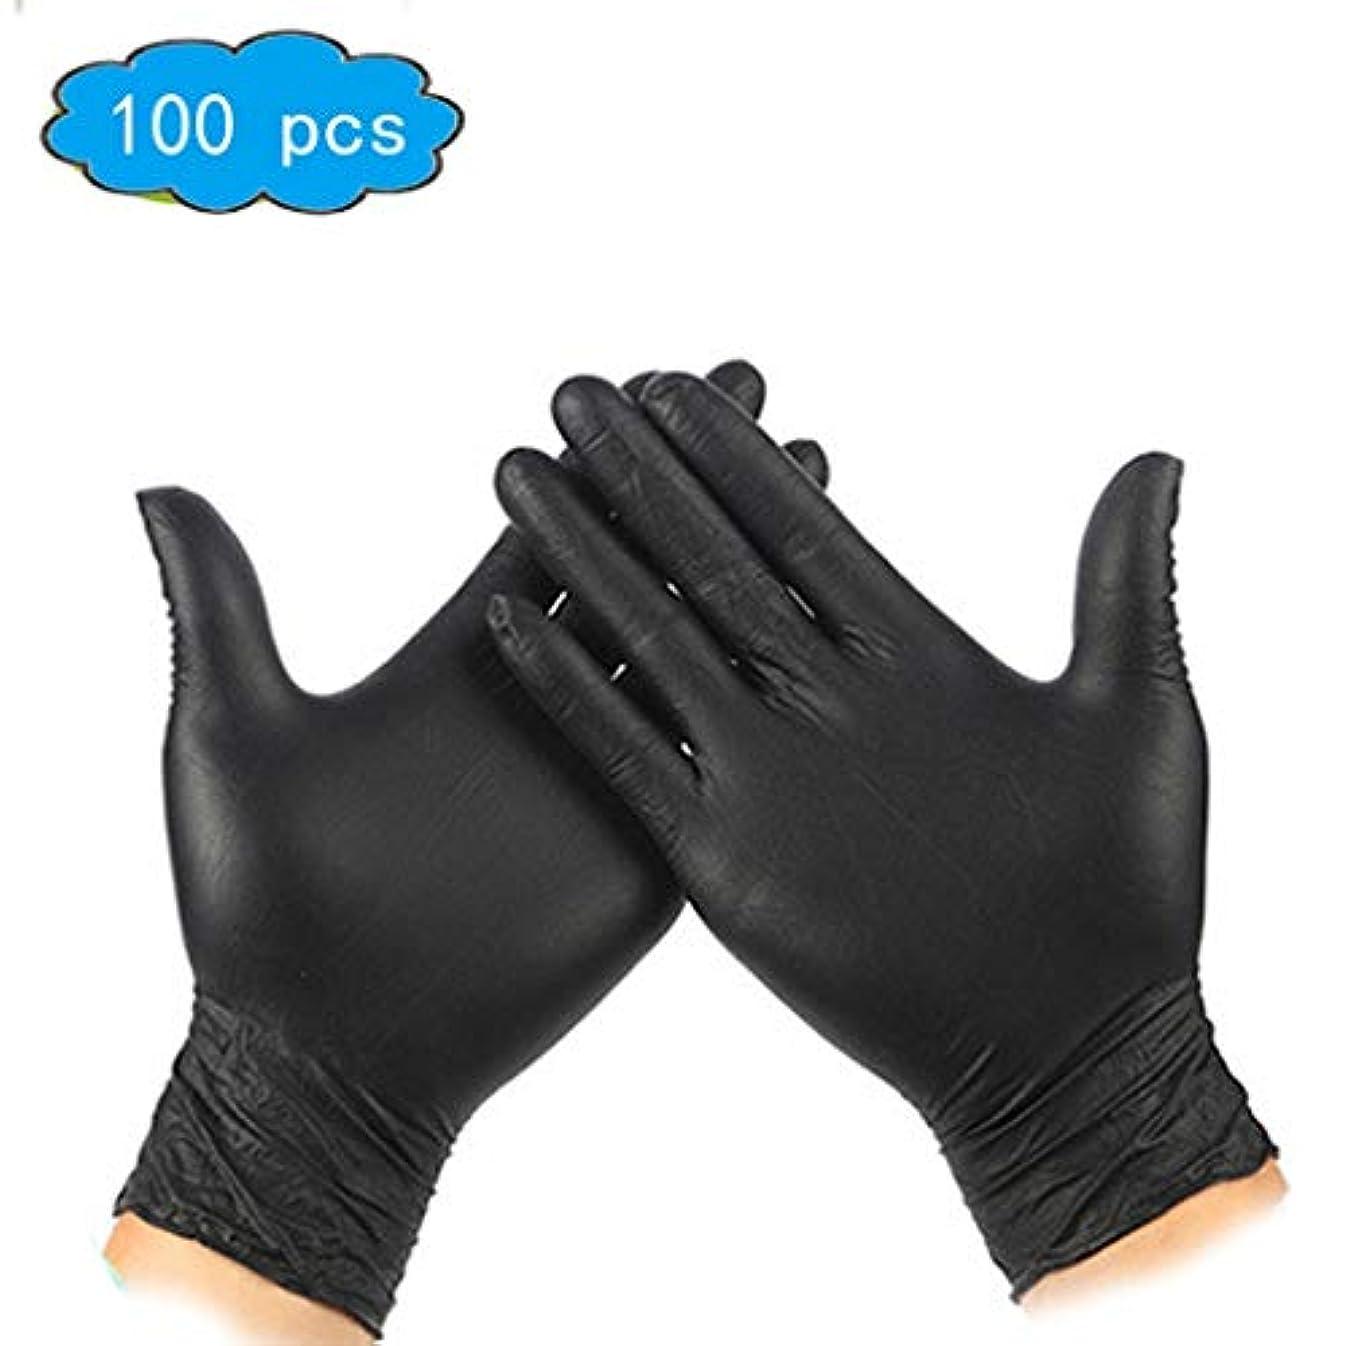 スカートしてはいけない句読点パウダーフリーブラックニトリル検査用手袋、指ヒント質感、100のボックス (Color : Black, Size : S)